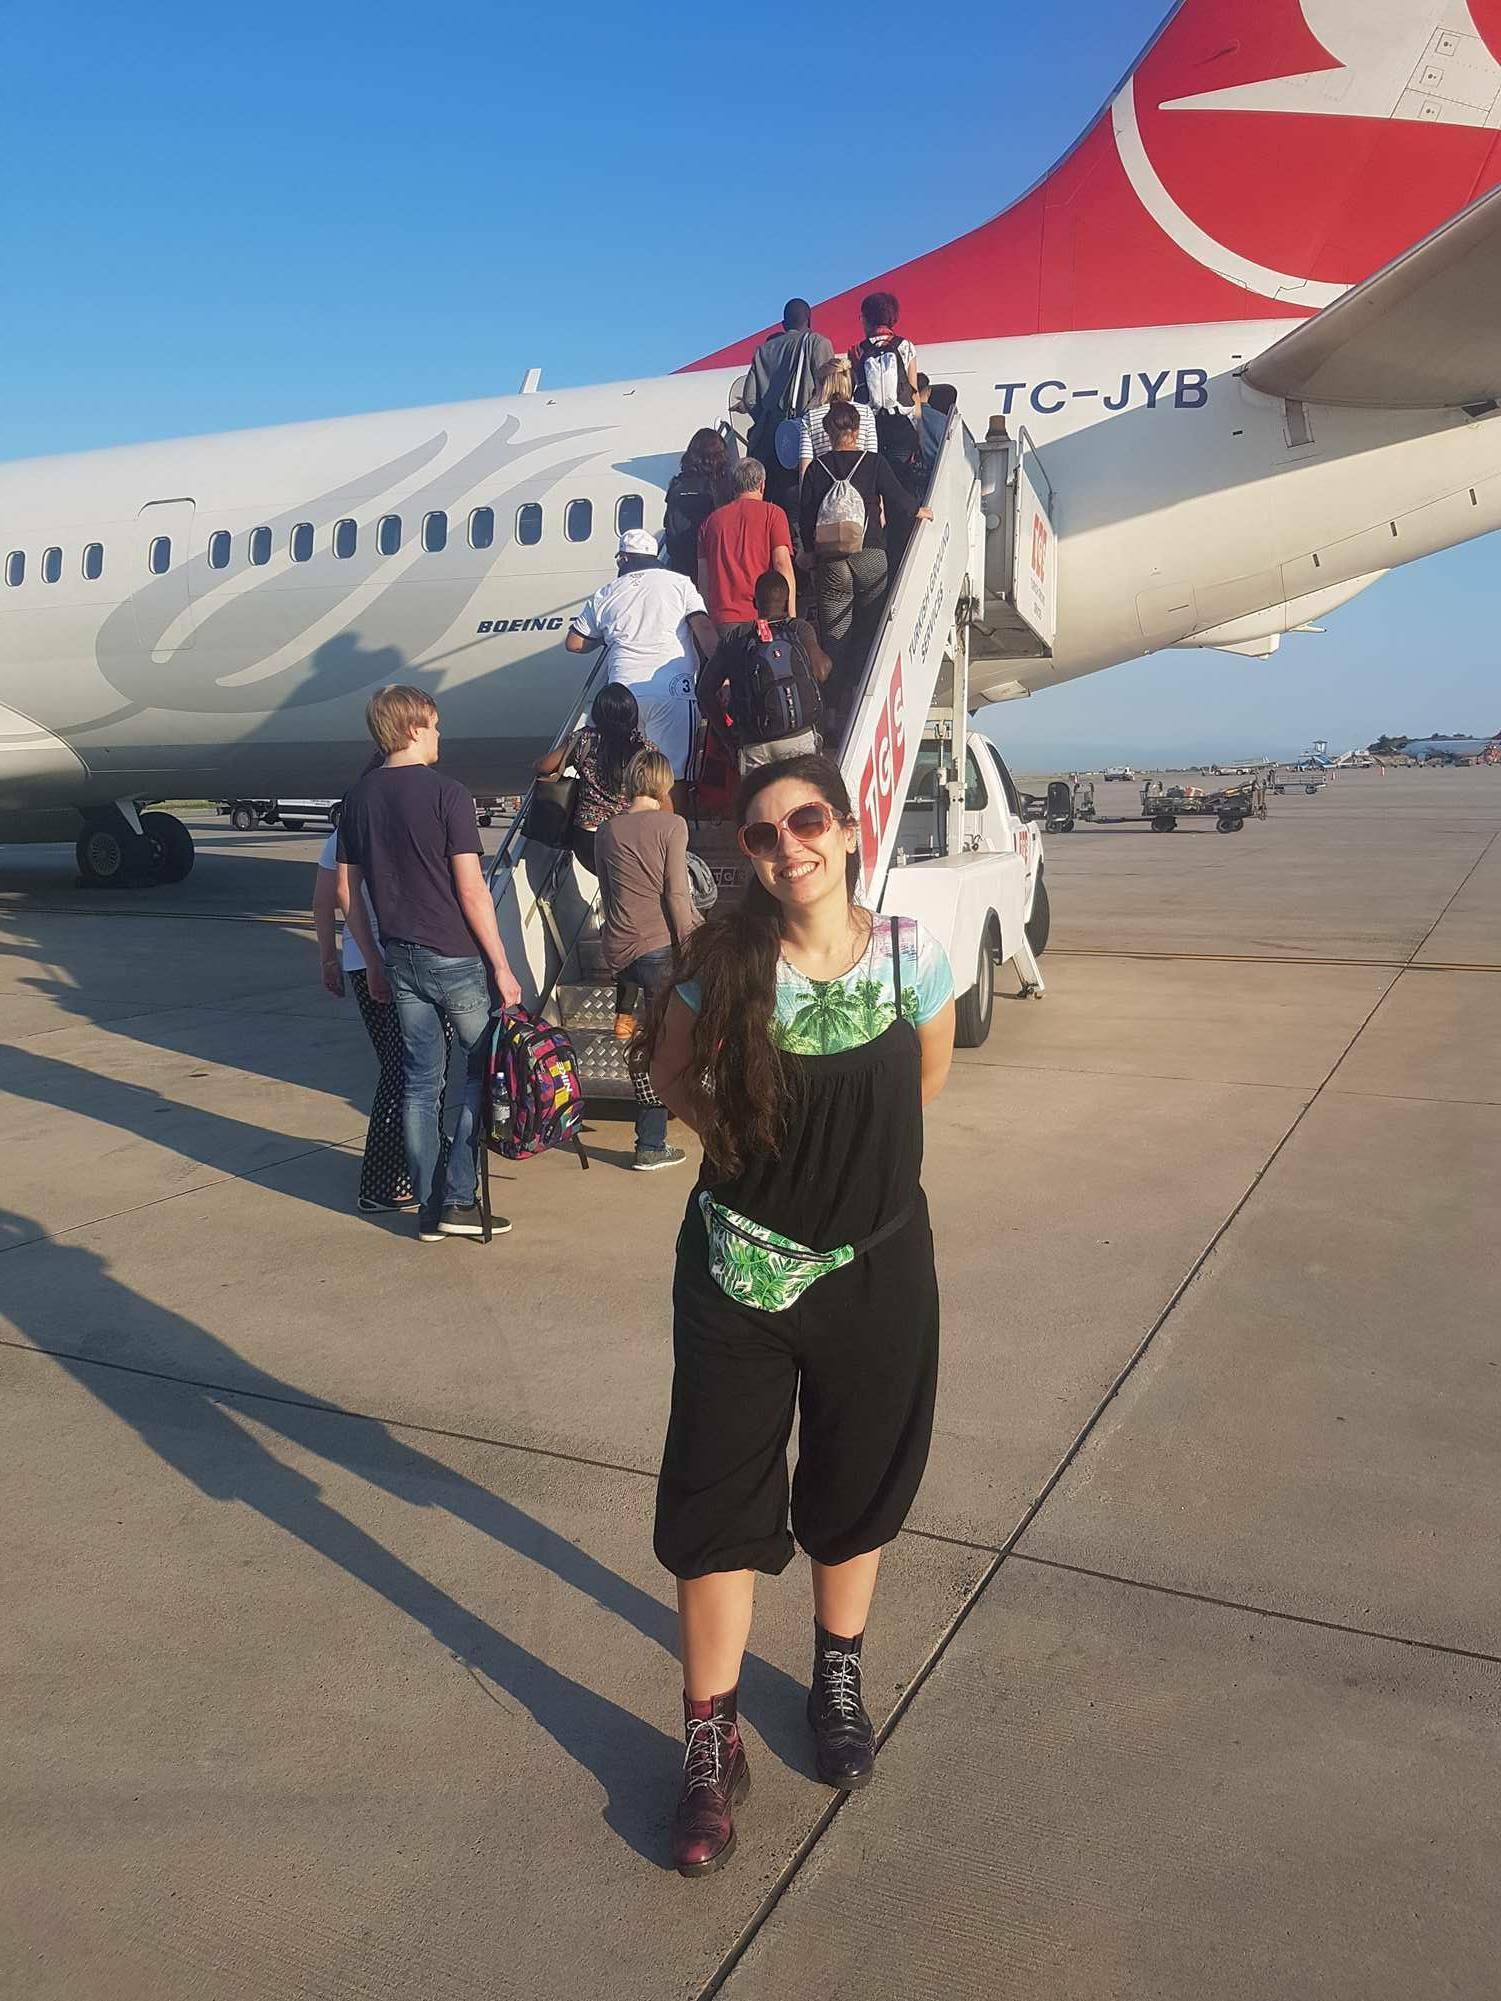 off to Tanzania